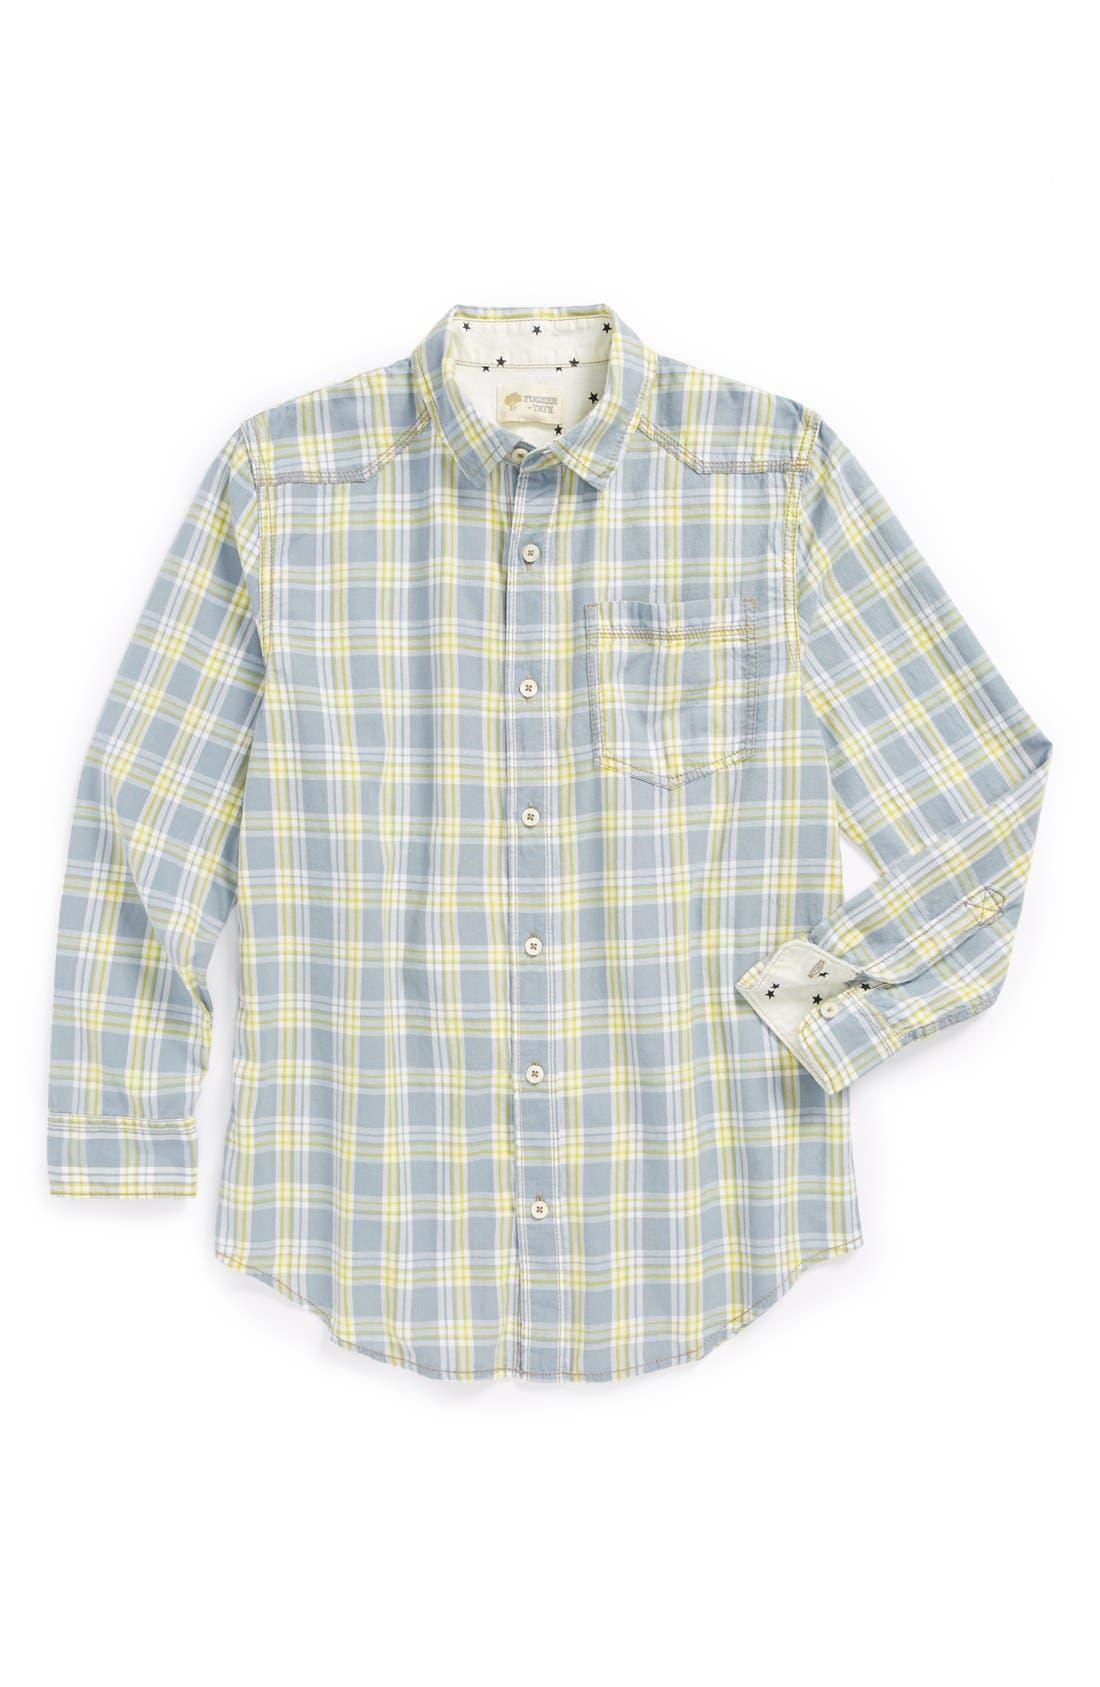 Main Image - Tucker + Tate 'Conrad' Plaid Shirt (Big Boys)